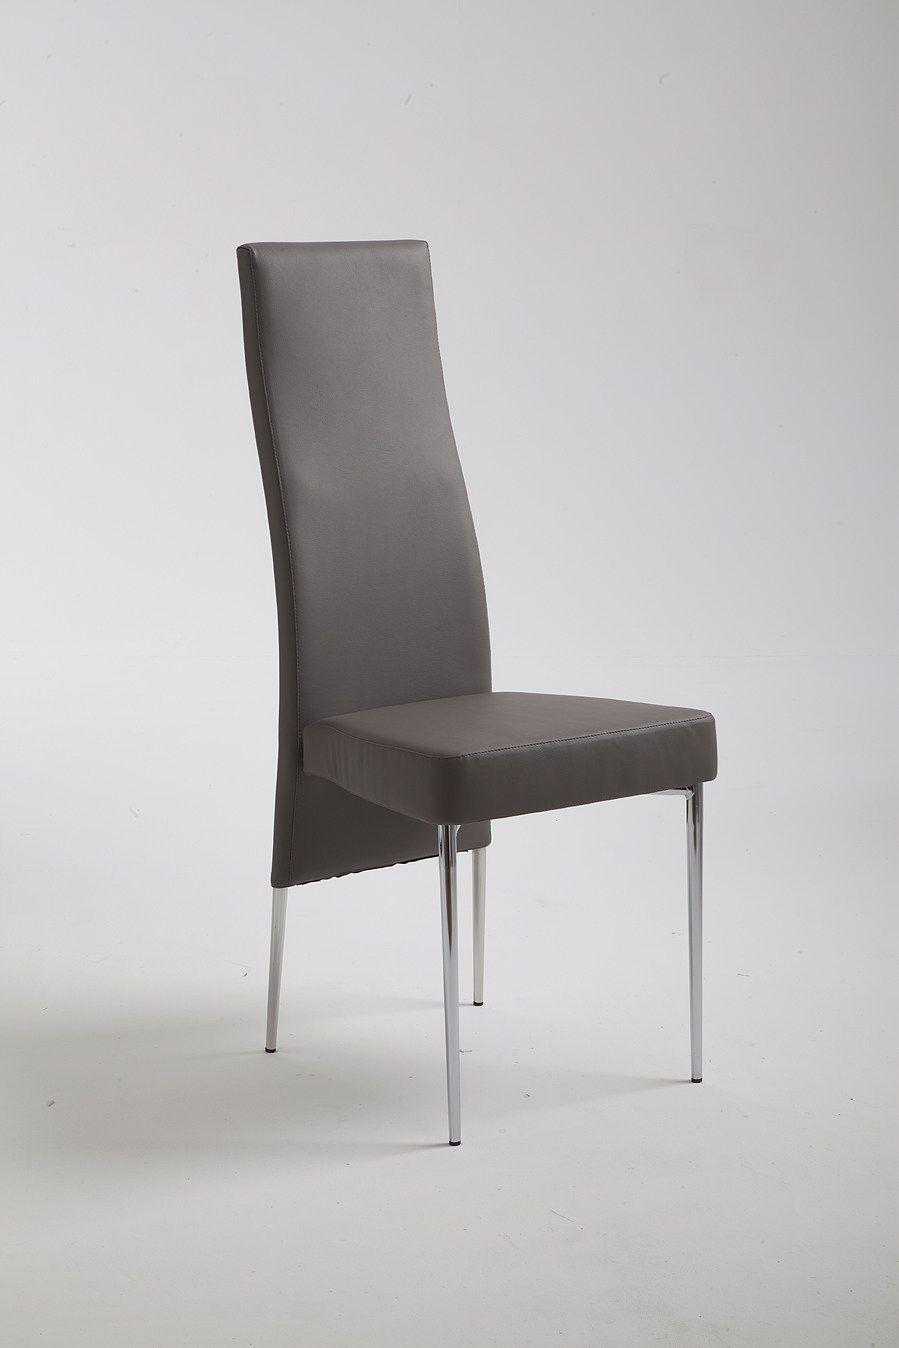 Lady sedia con schienale alto by riflessi design riflessi - Schienale sedia ...